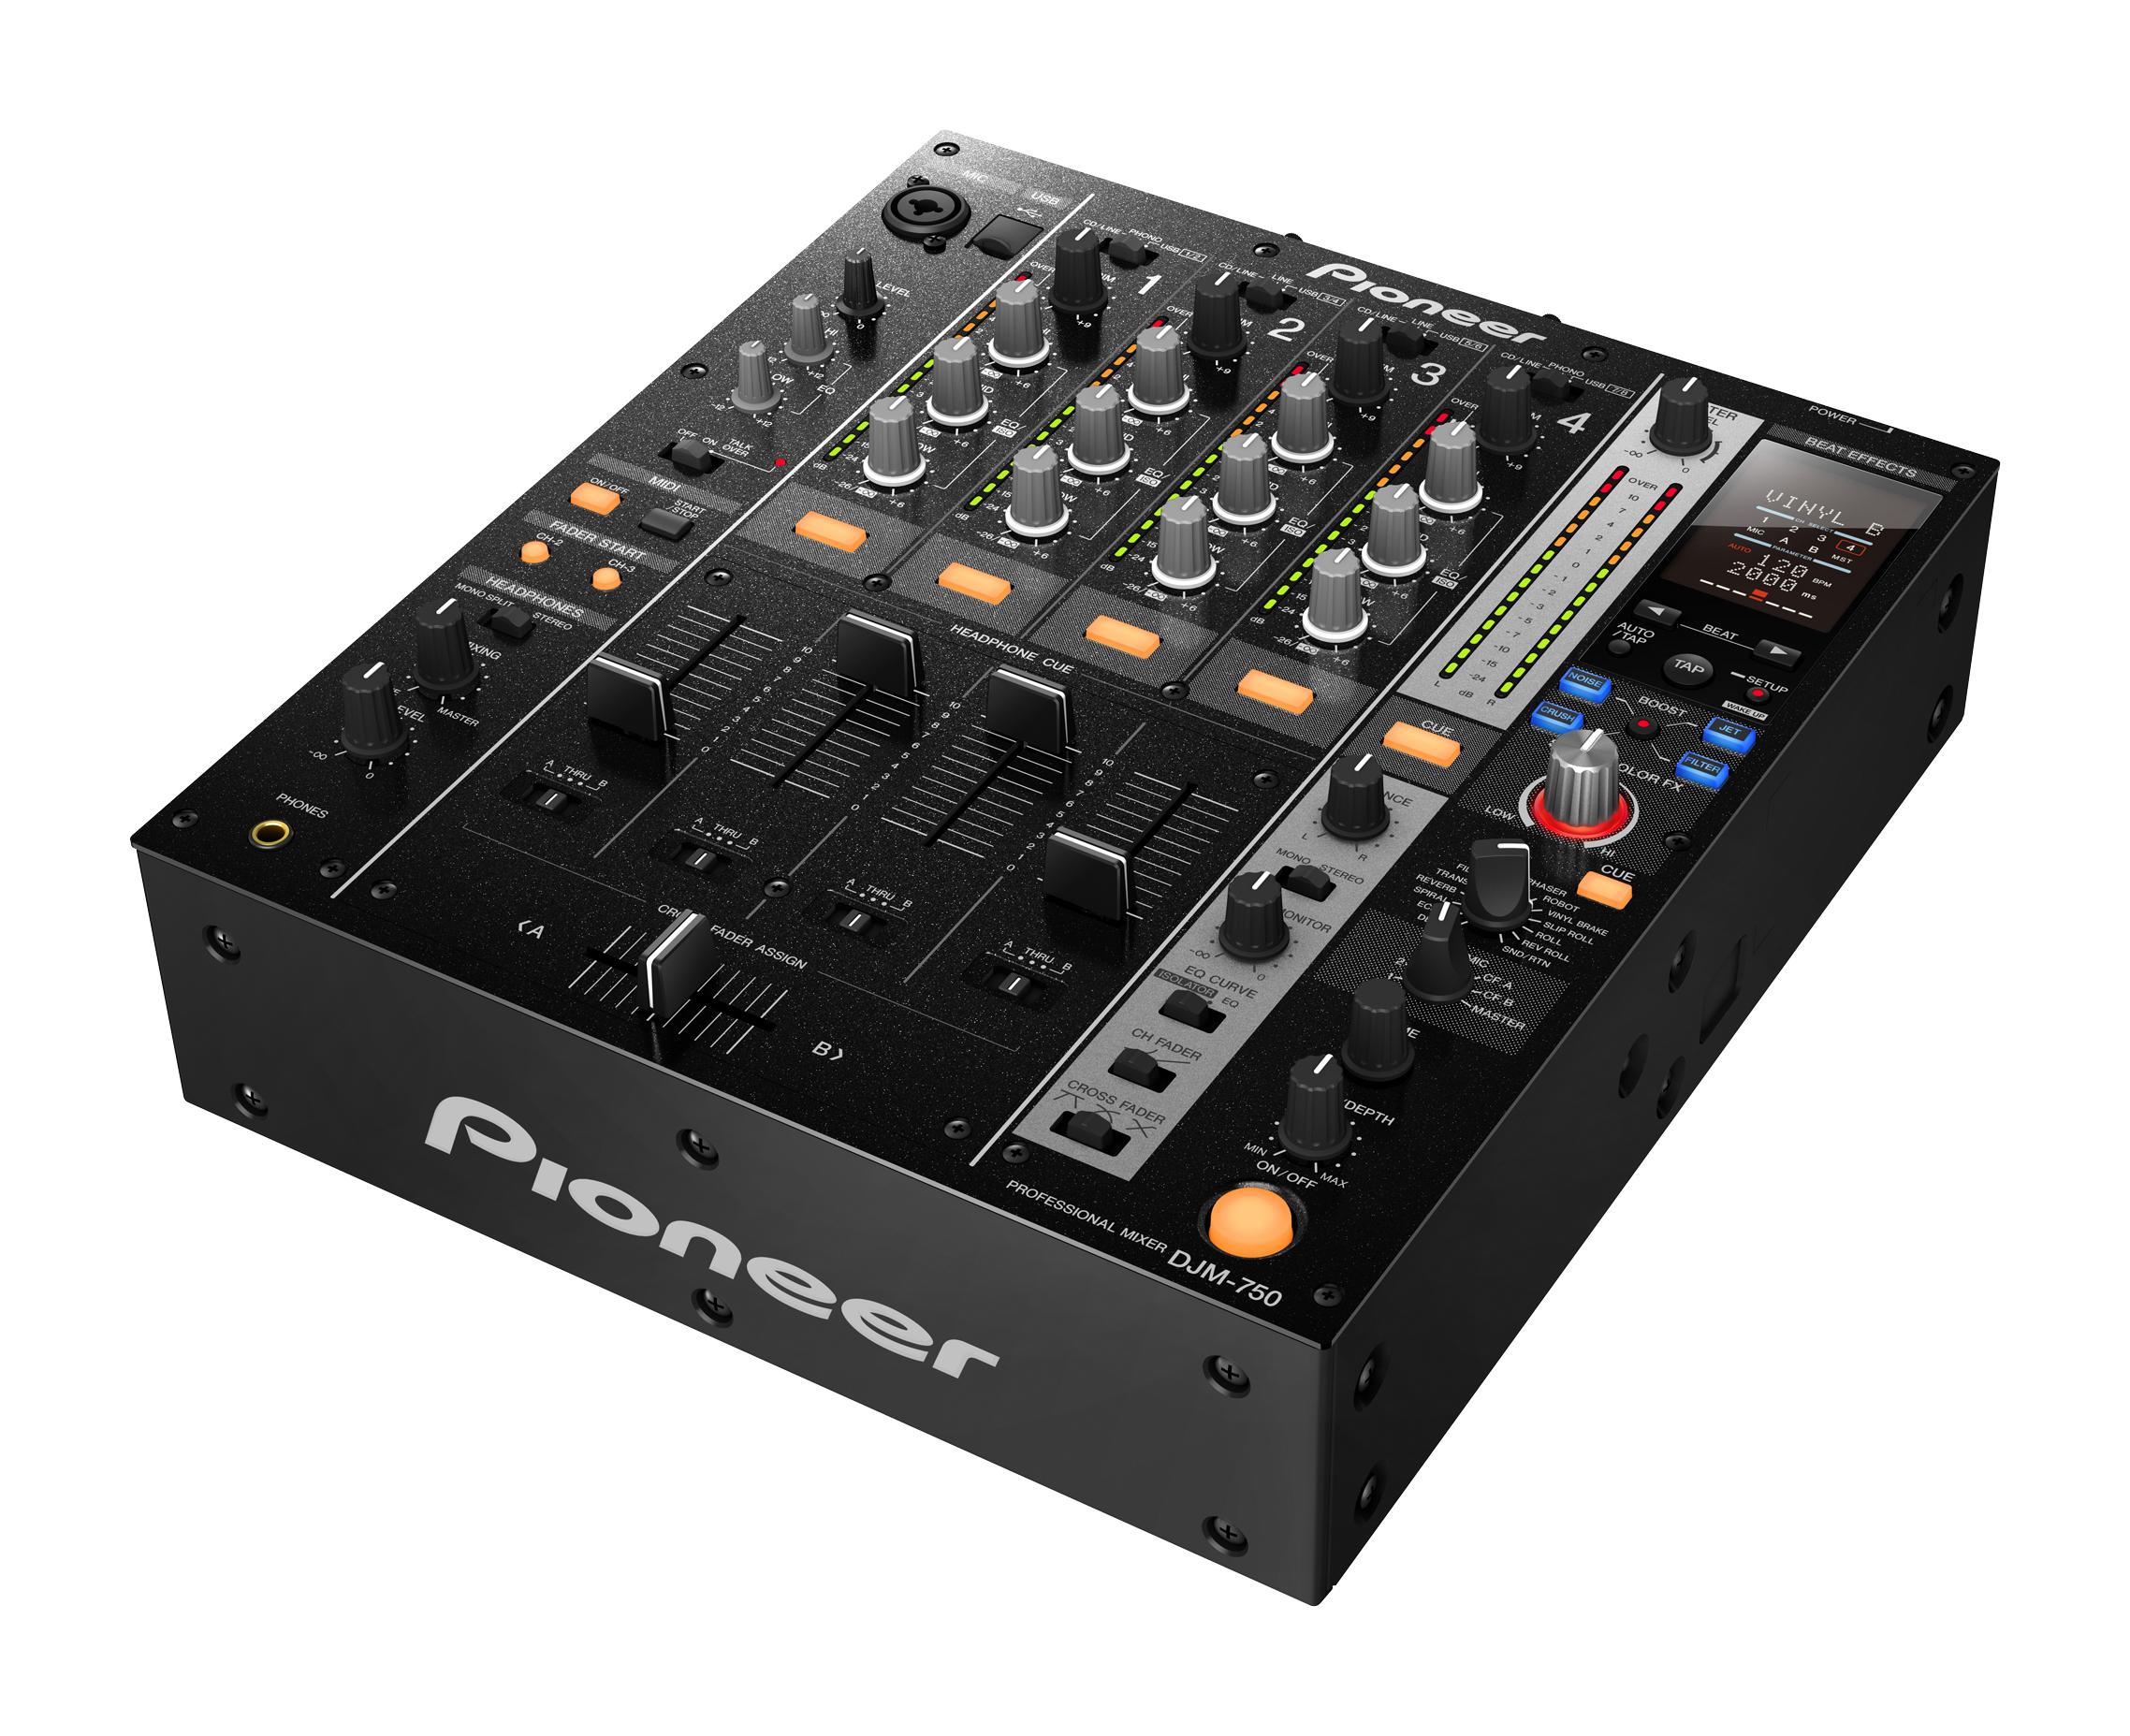 Pioneer präsentiert den DJM-750 auf der Musikmesse